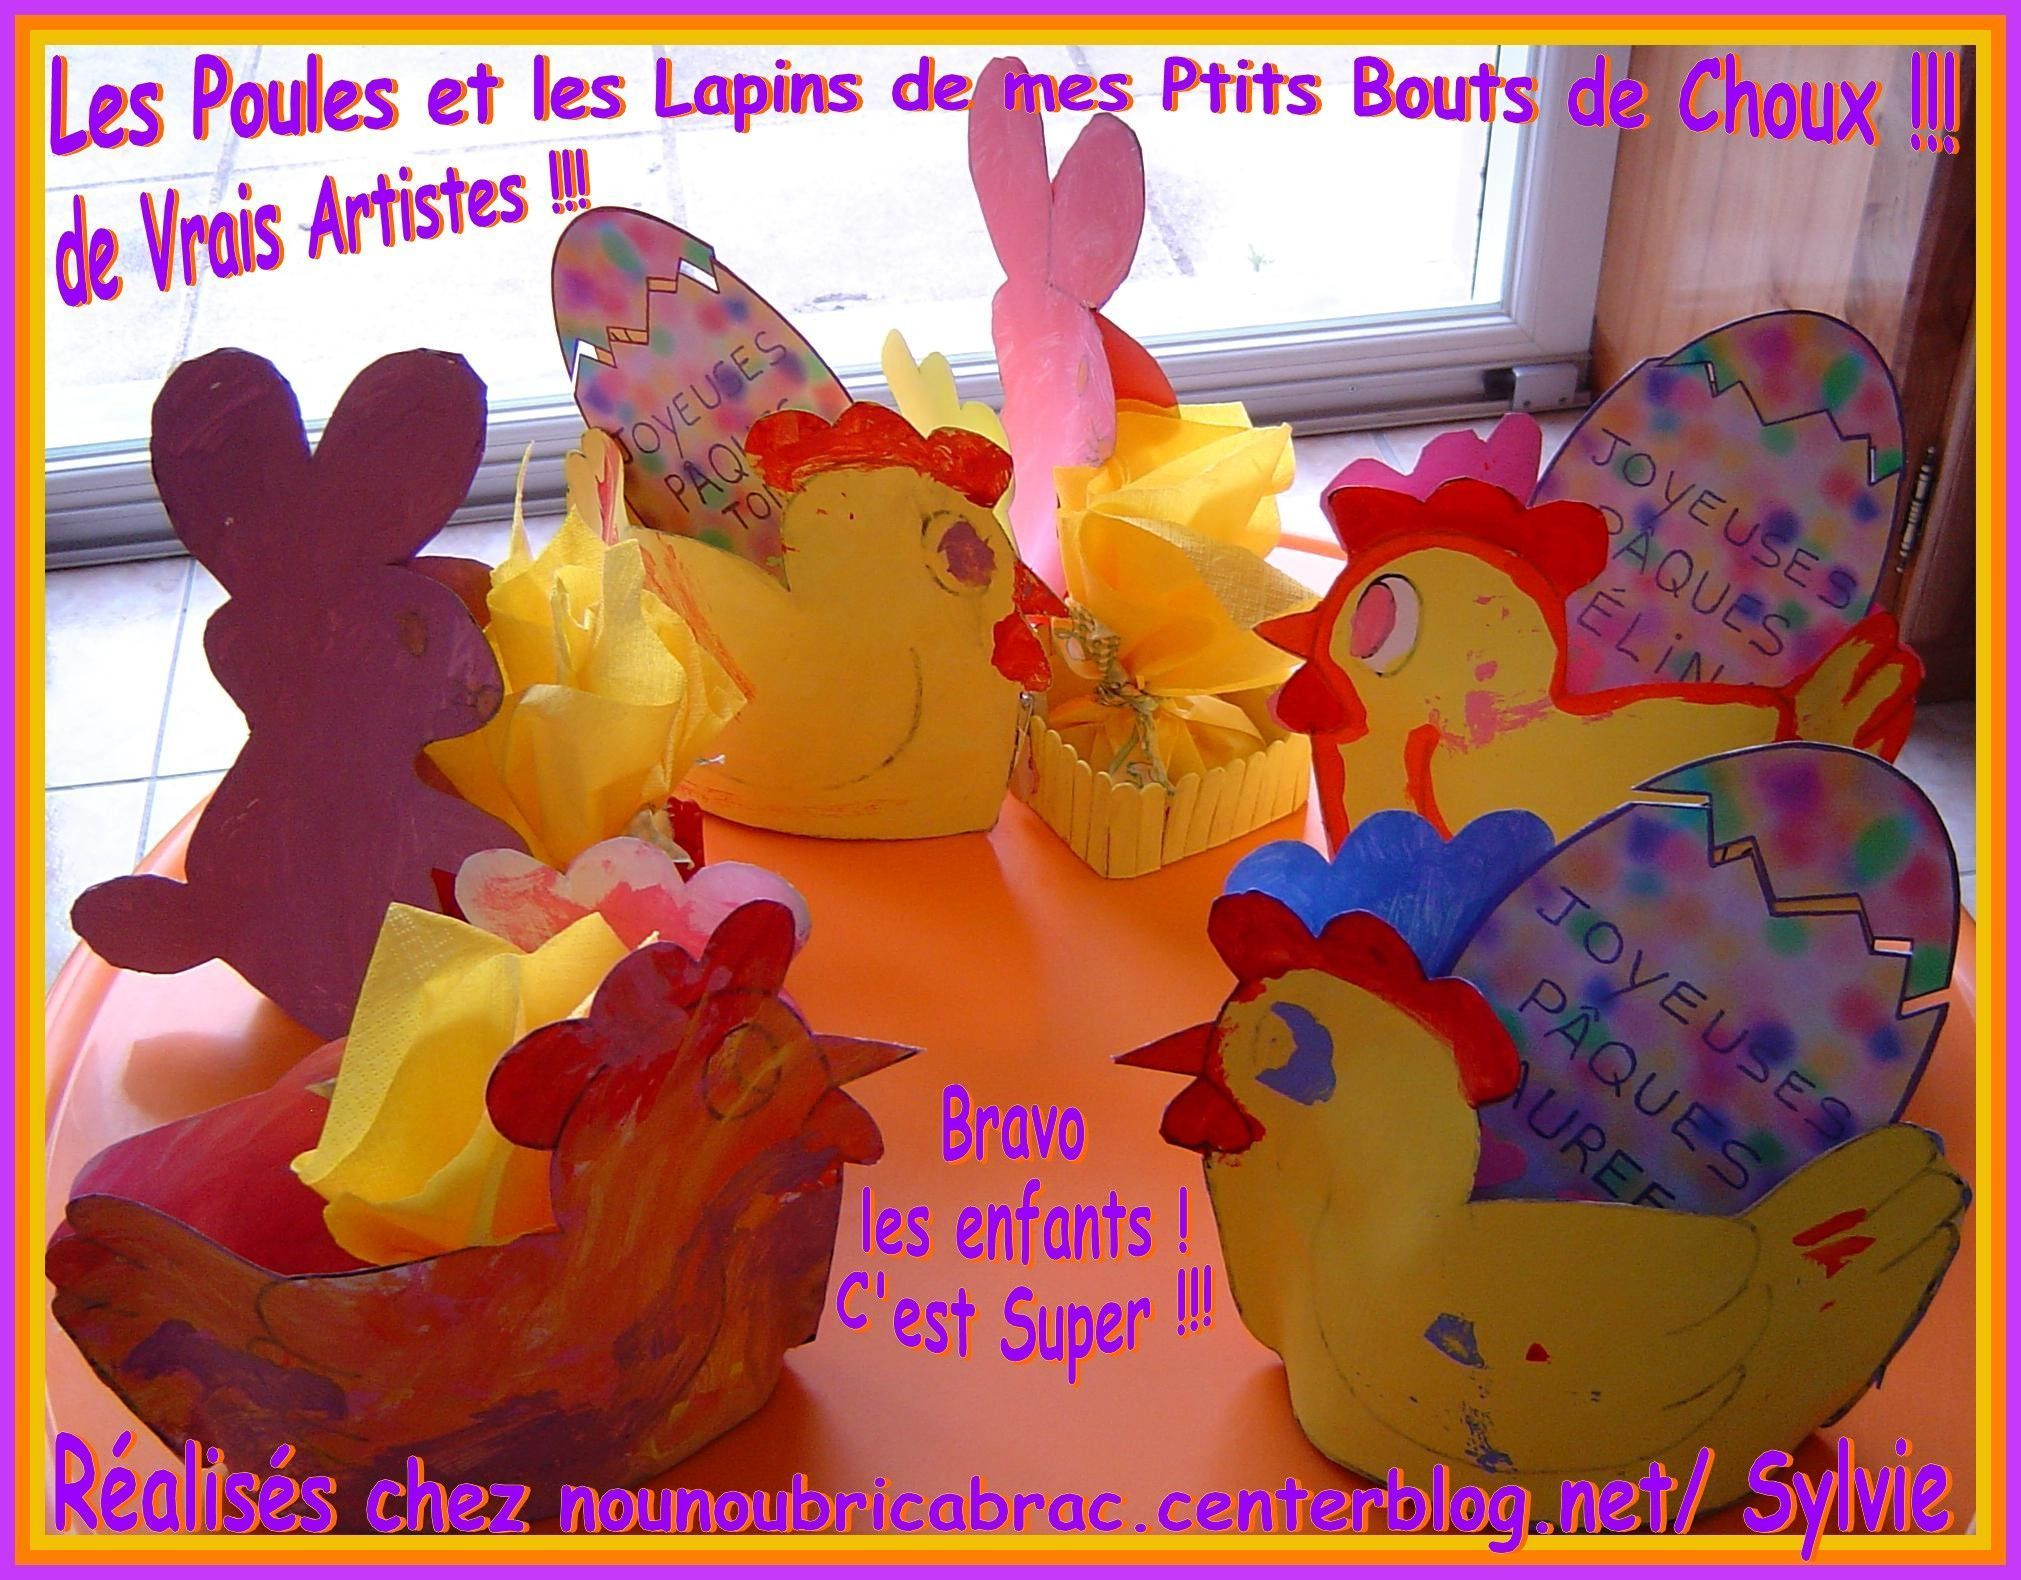 Lapins - Poules de mes Ptits Bouts de Choux...